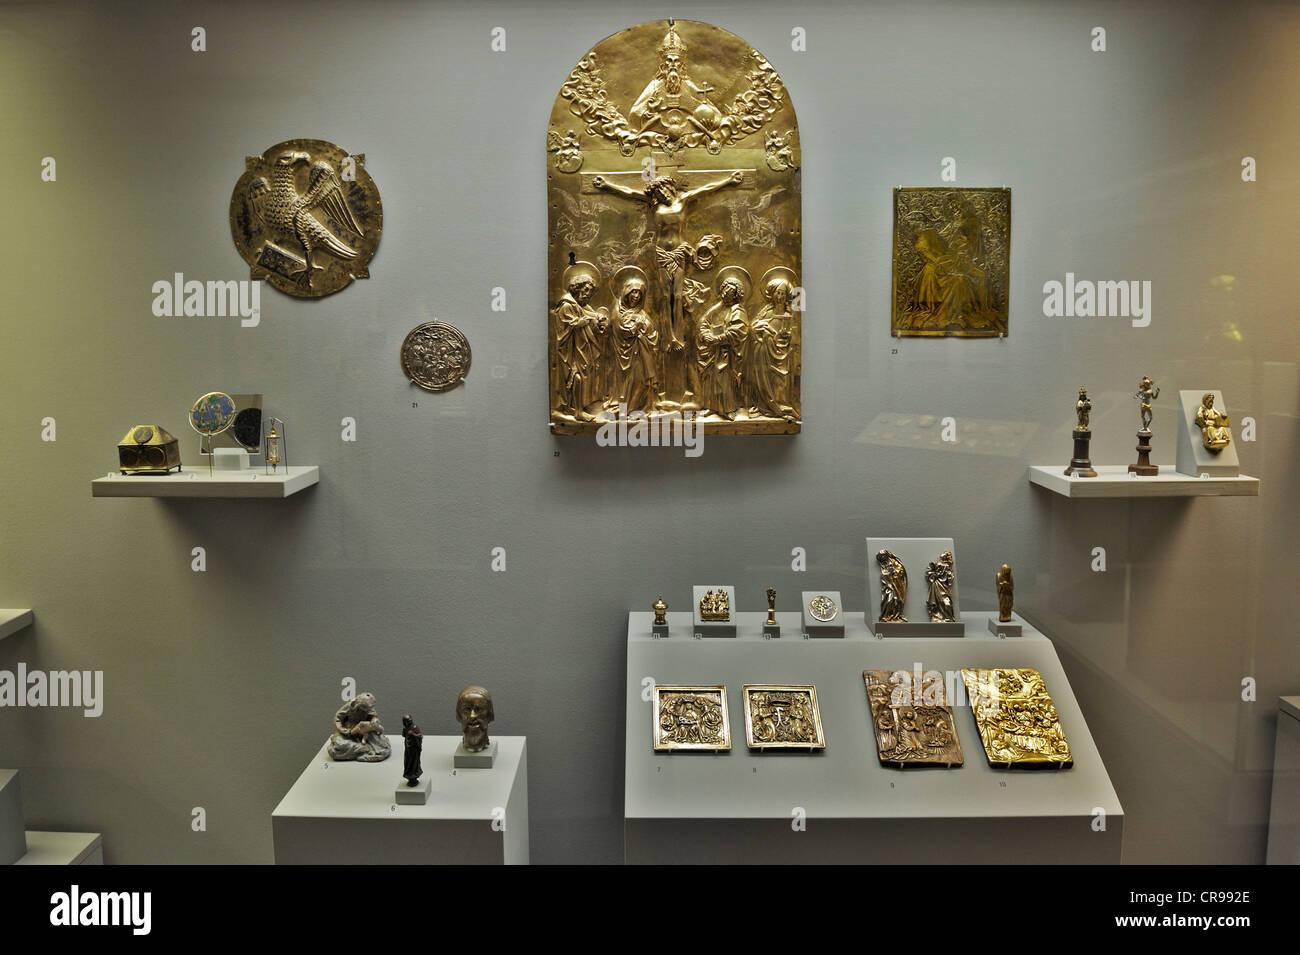 Tesoros del arte religioso medieval, joyas y utensilios de medición, Museo Nacional Bávaro, Prinzregentenstrasse Imagen De Stock